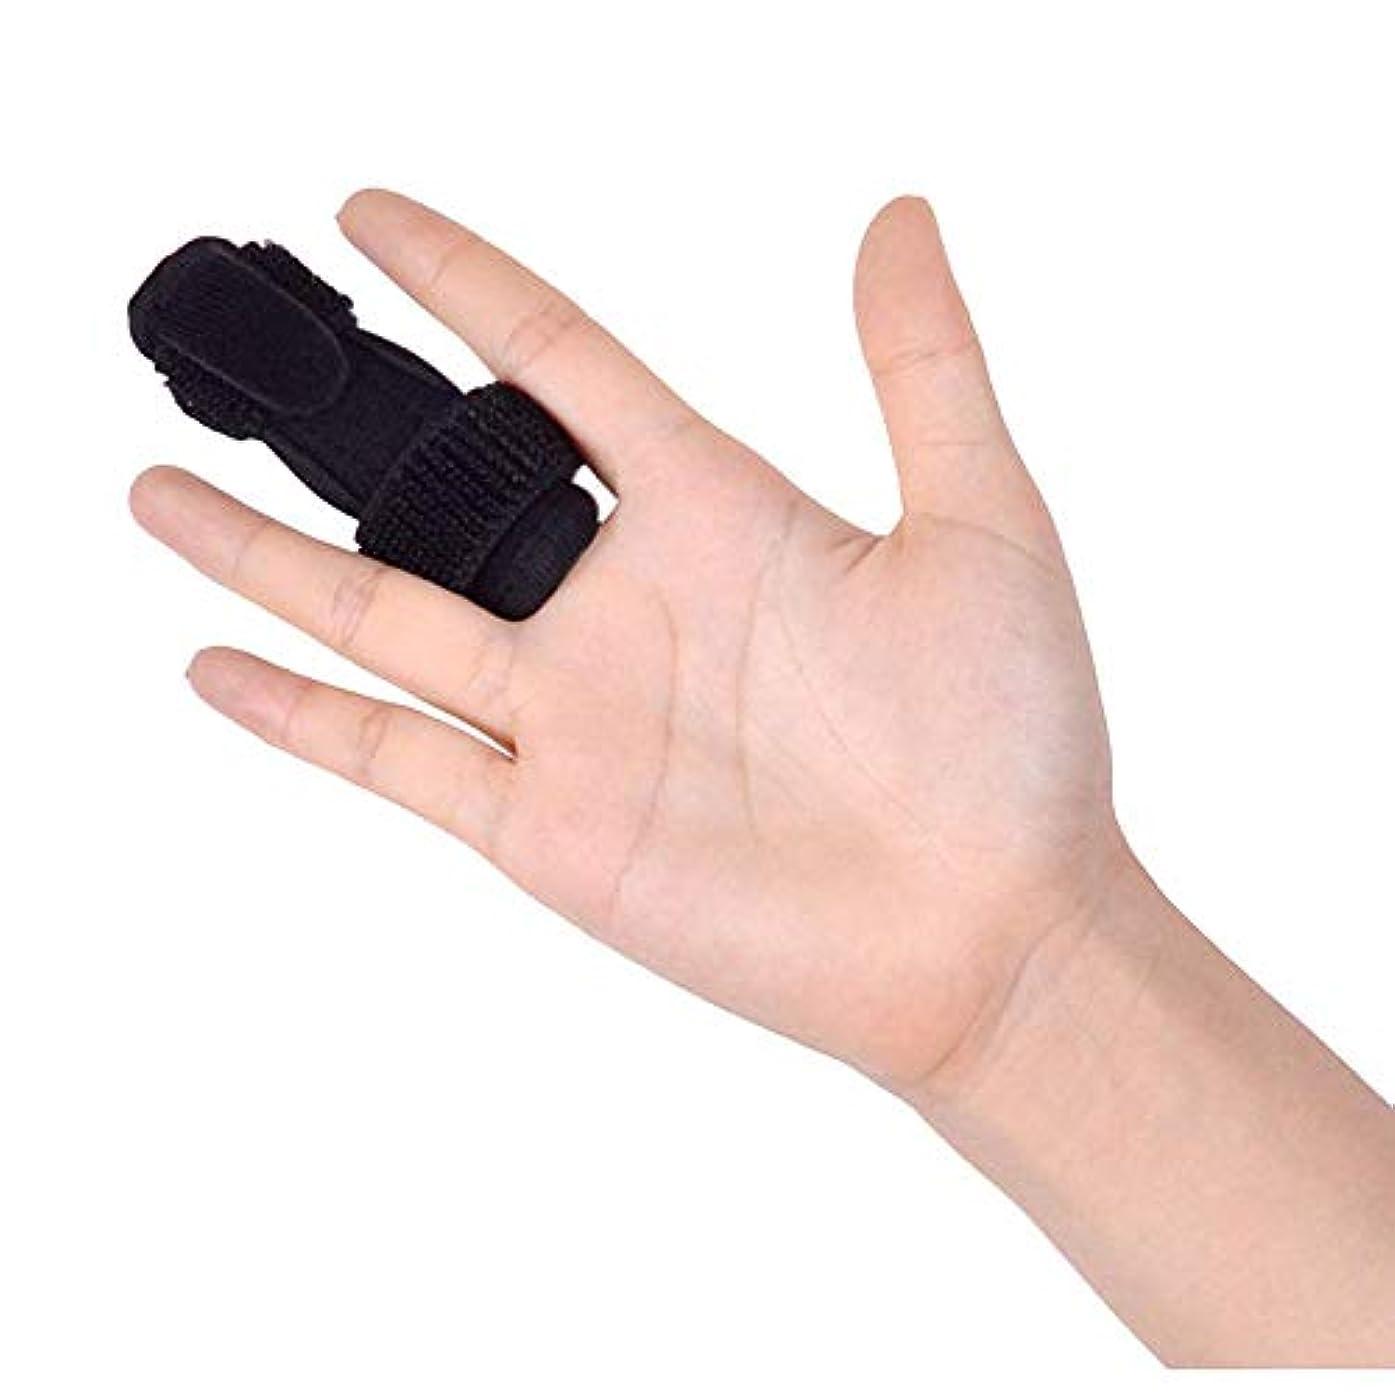 アイザックかき混ぜる特殊指サポーター 指保護 ばね指サポーター 腱鞘炎 調整自在 気性良好 左右兼用 ブラック